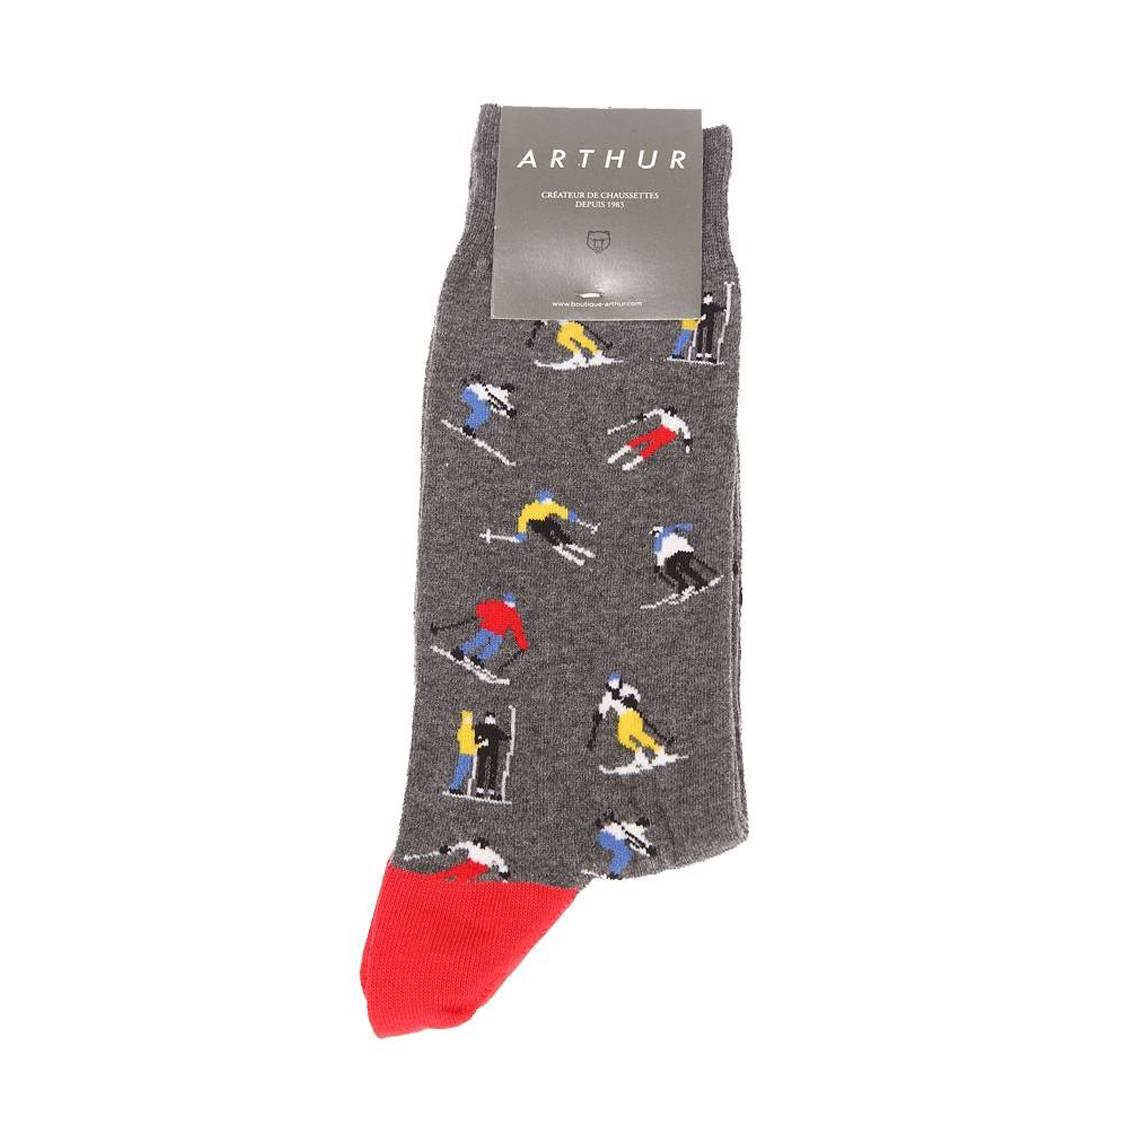 Chaussettes  ski en coton mélangé gris chiné à imprimé skieur